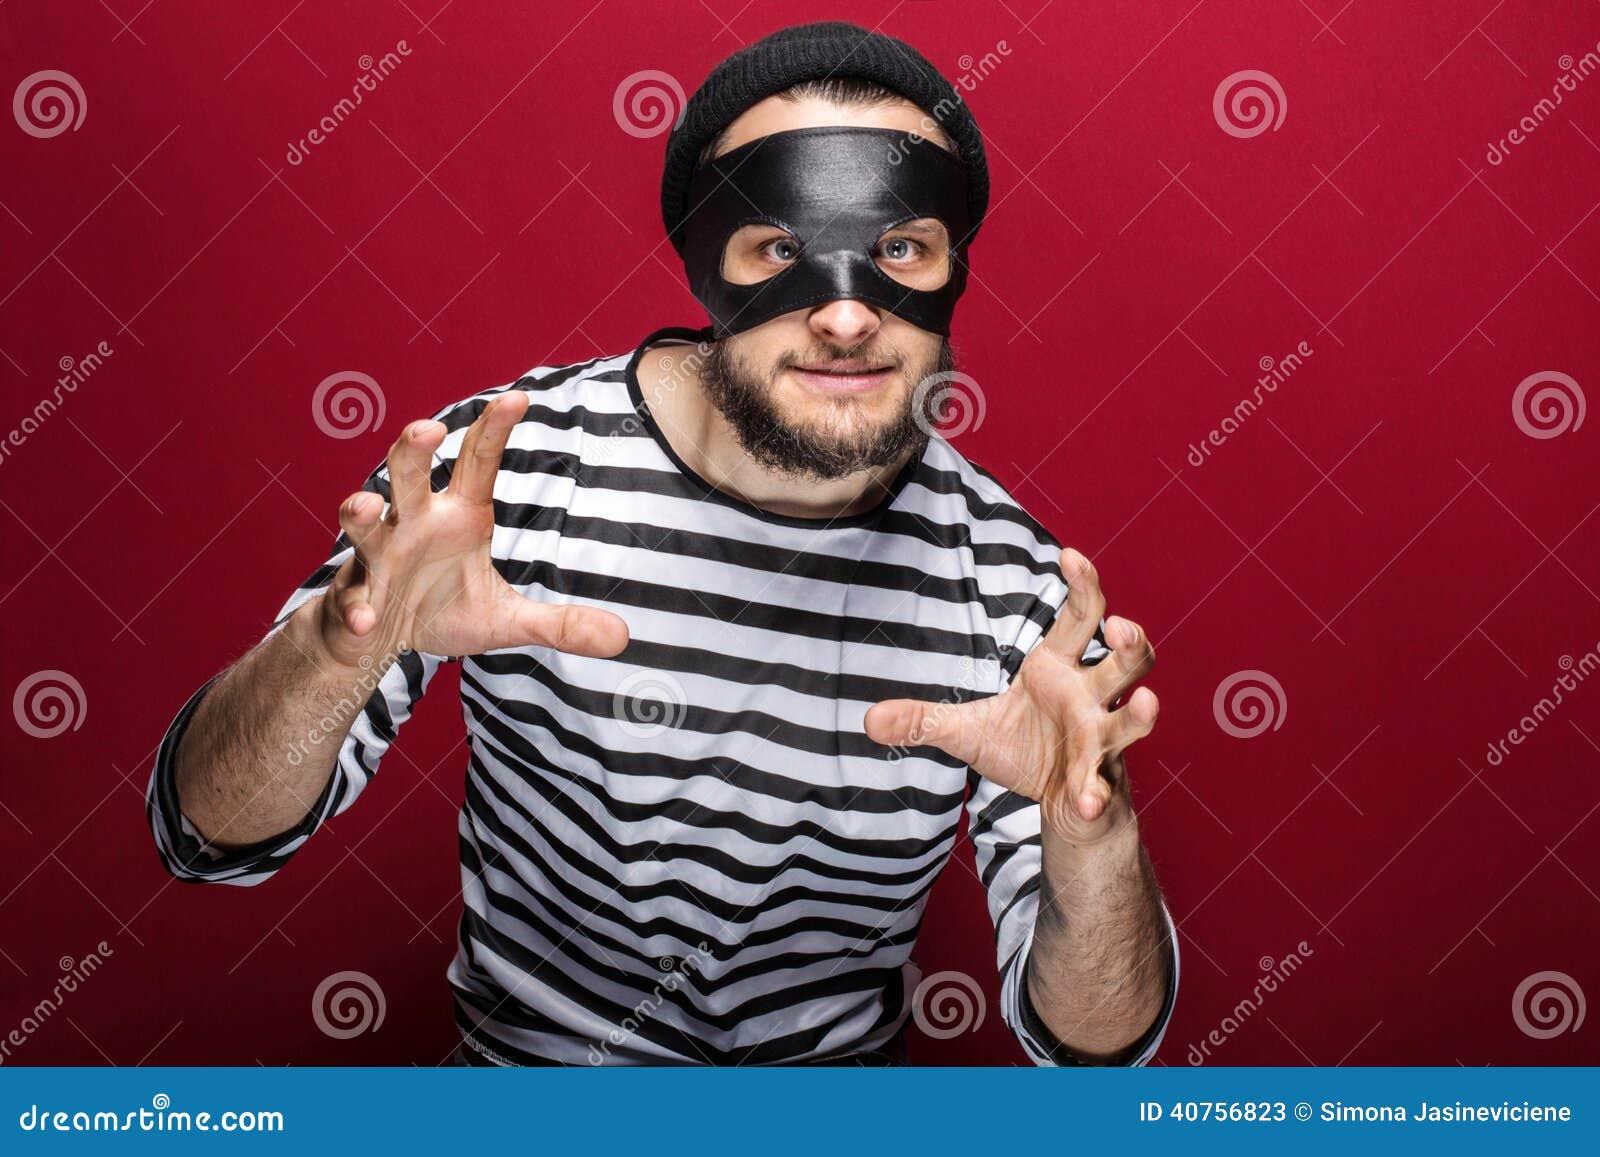 Maskerad Brottsling Som är Klar Att Slåss Fotografering för ... e081bb6629de2